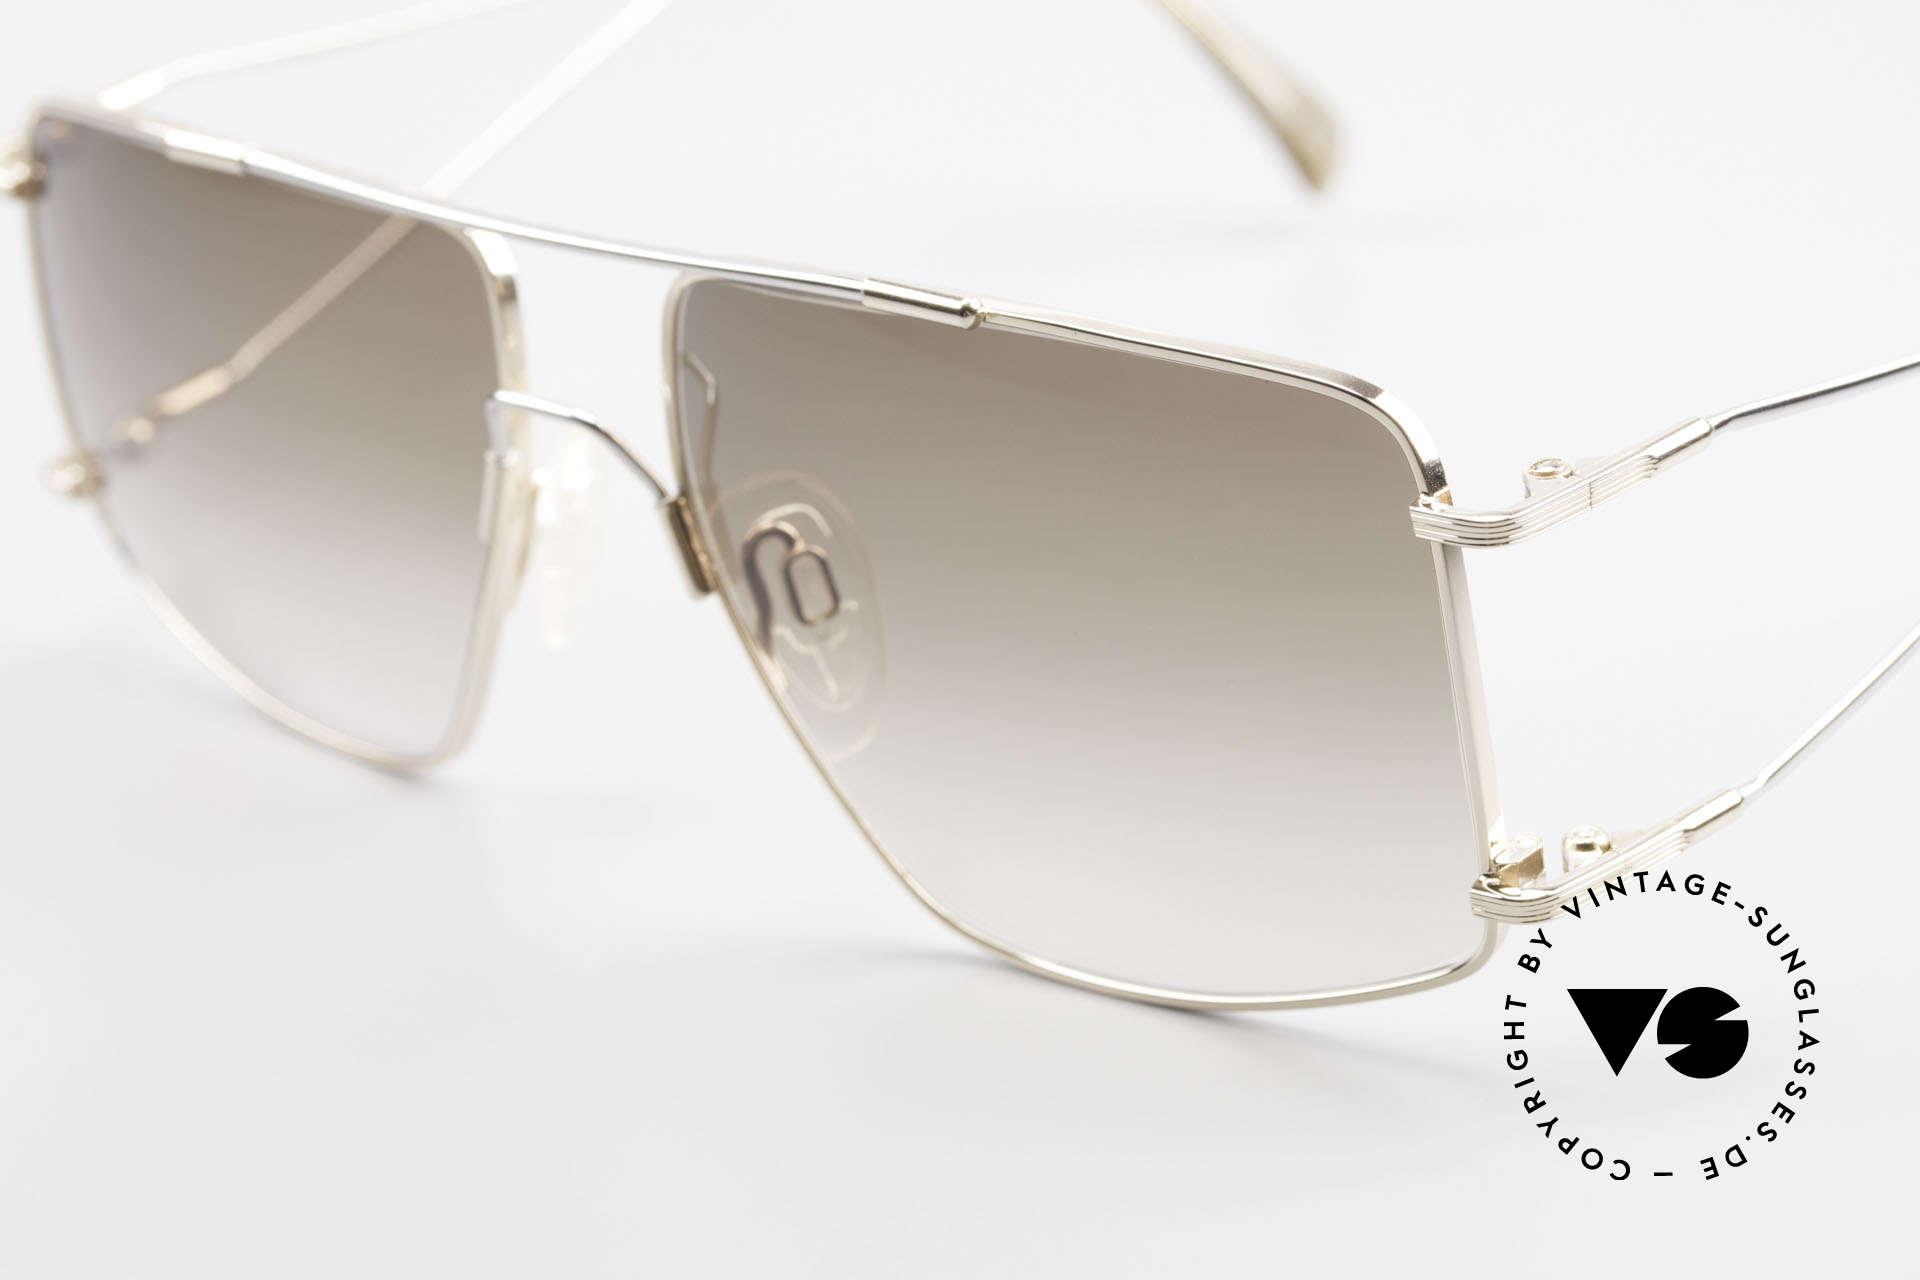 Neostyle Jet 40 Titanflex Vintage Sonnenbrille, springt nach Verformung in ursprüngl. Form zurück, Passend für Herren